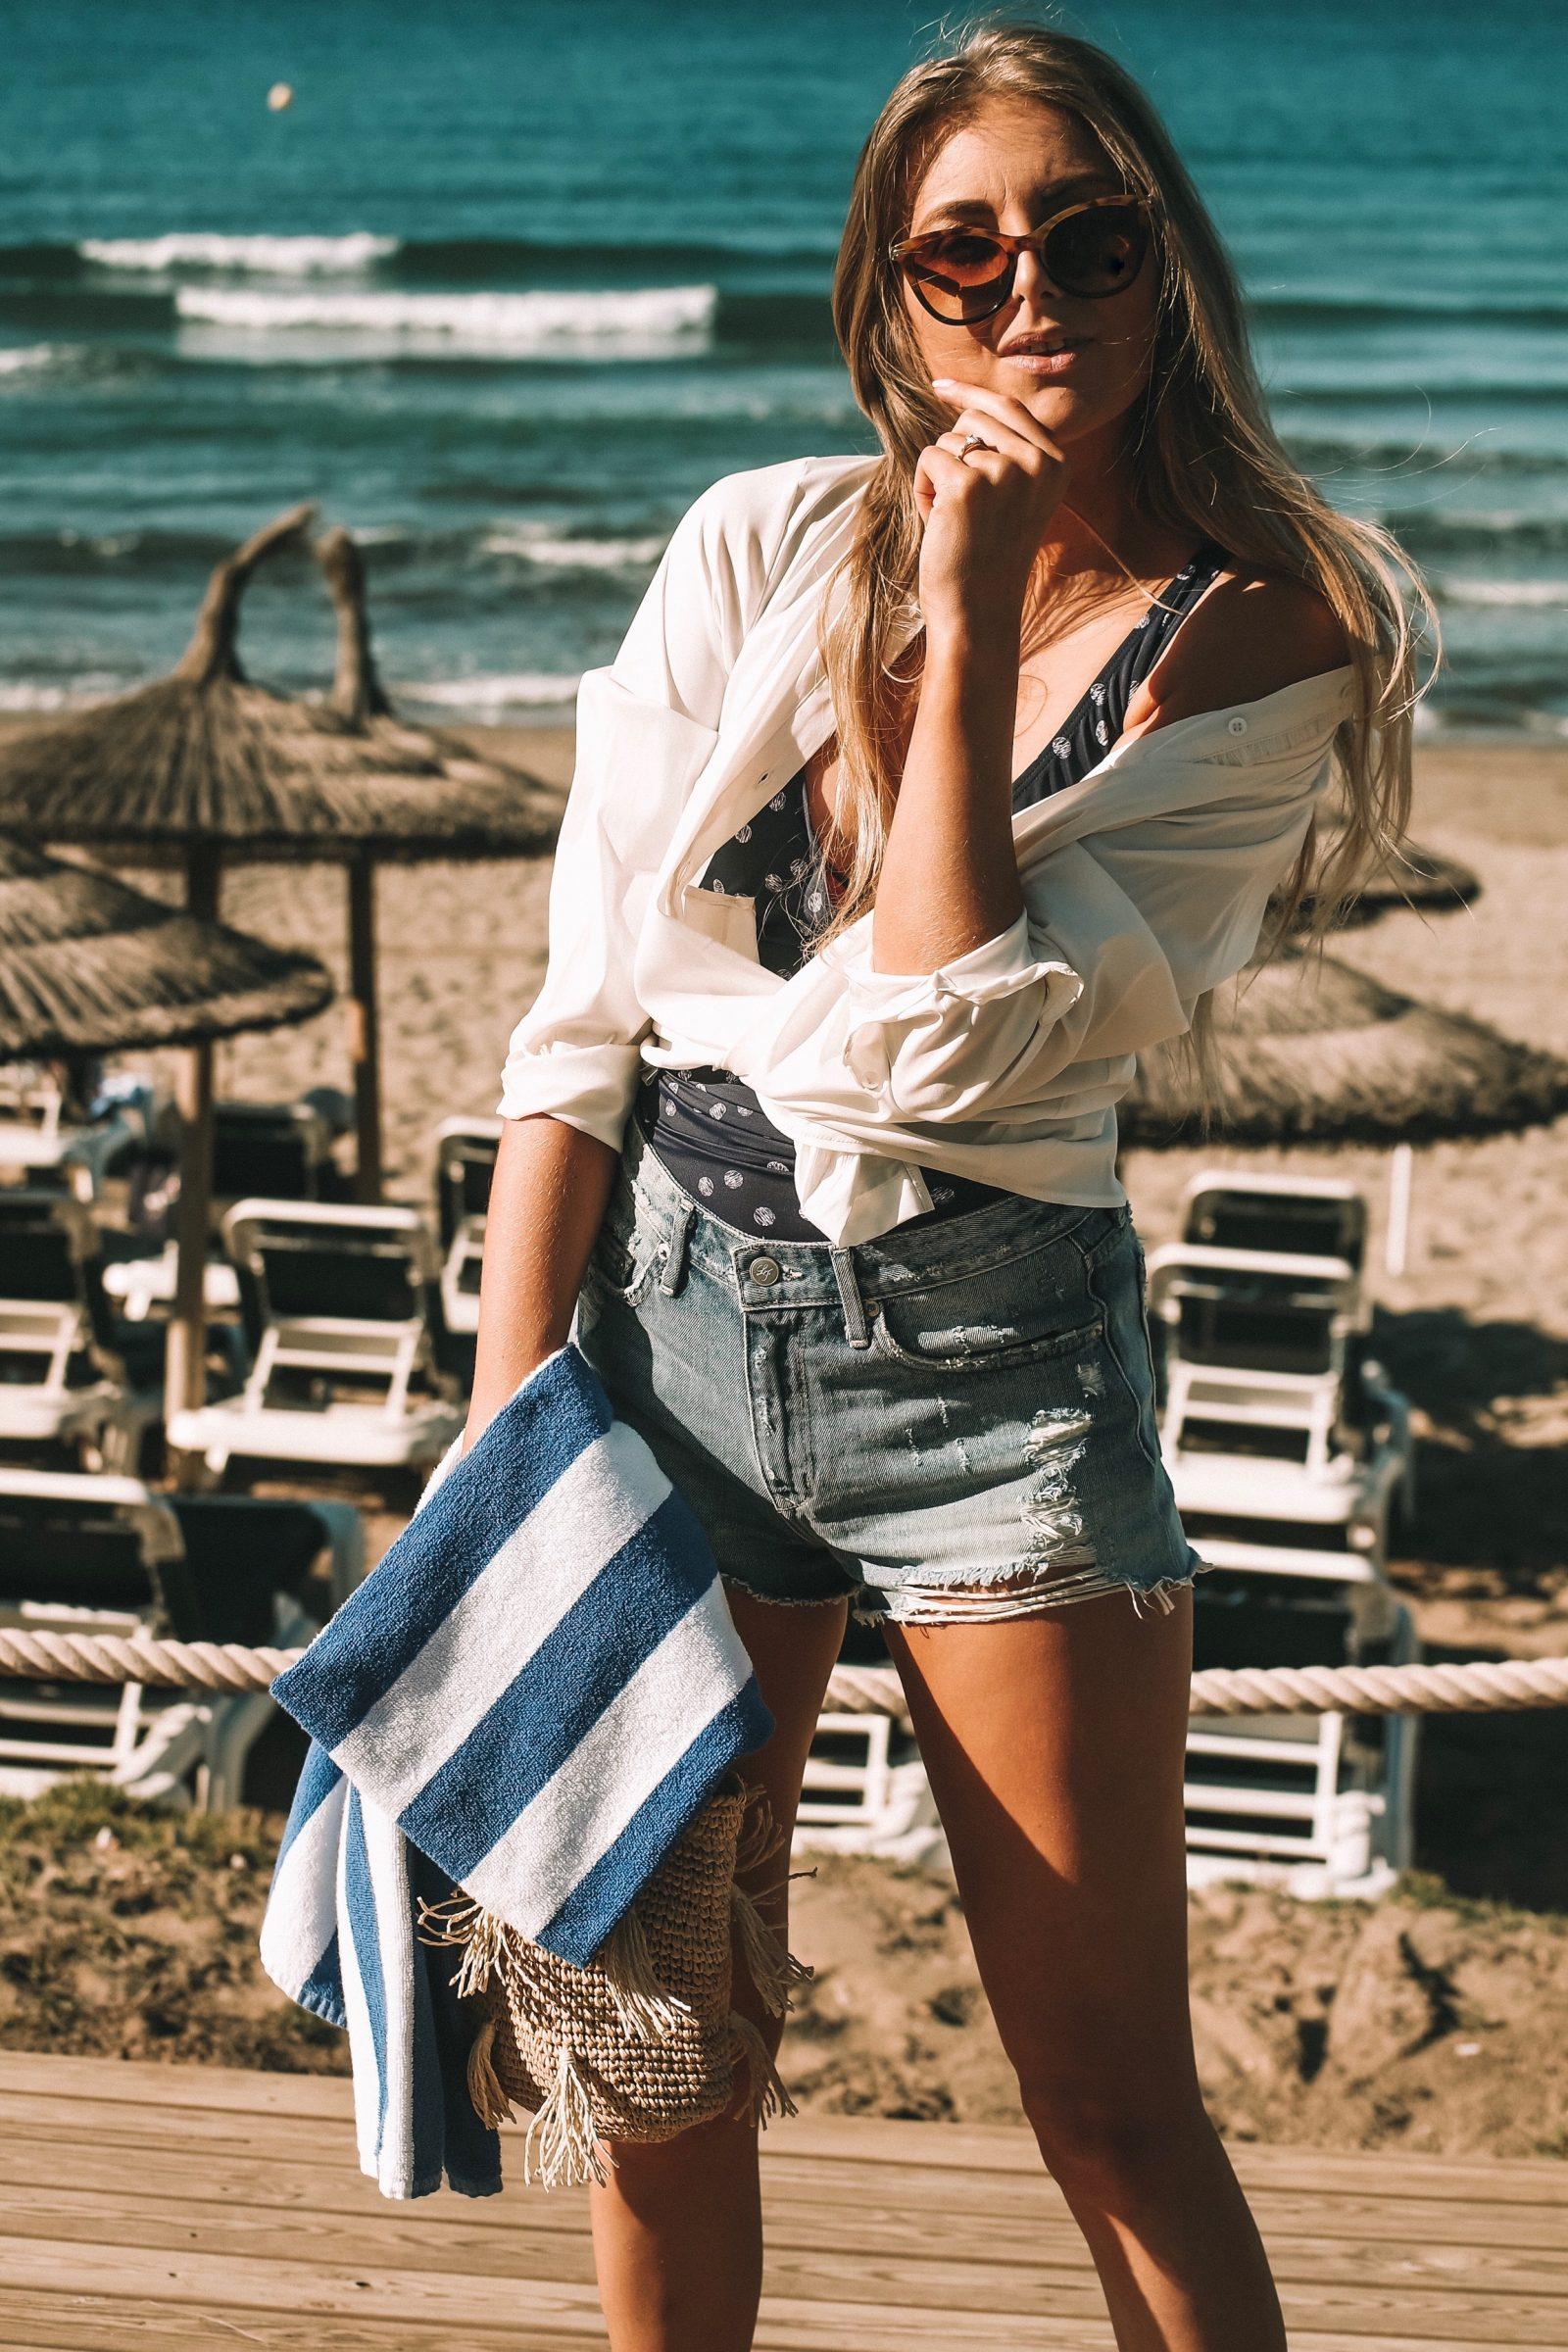 Marbella Beach outfit Ideas